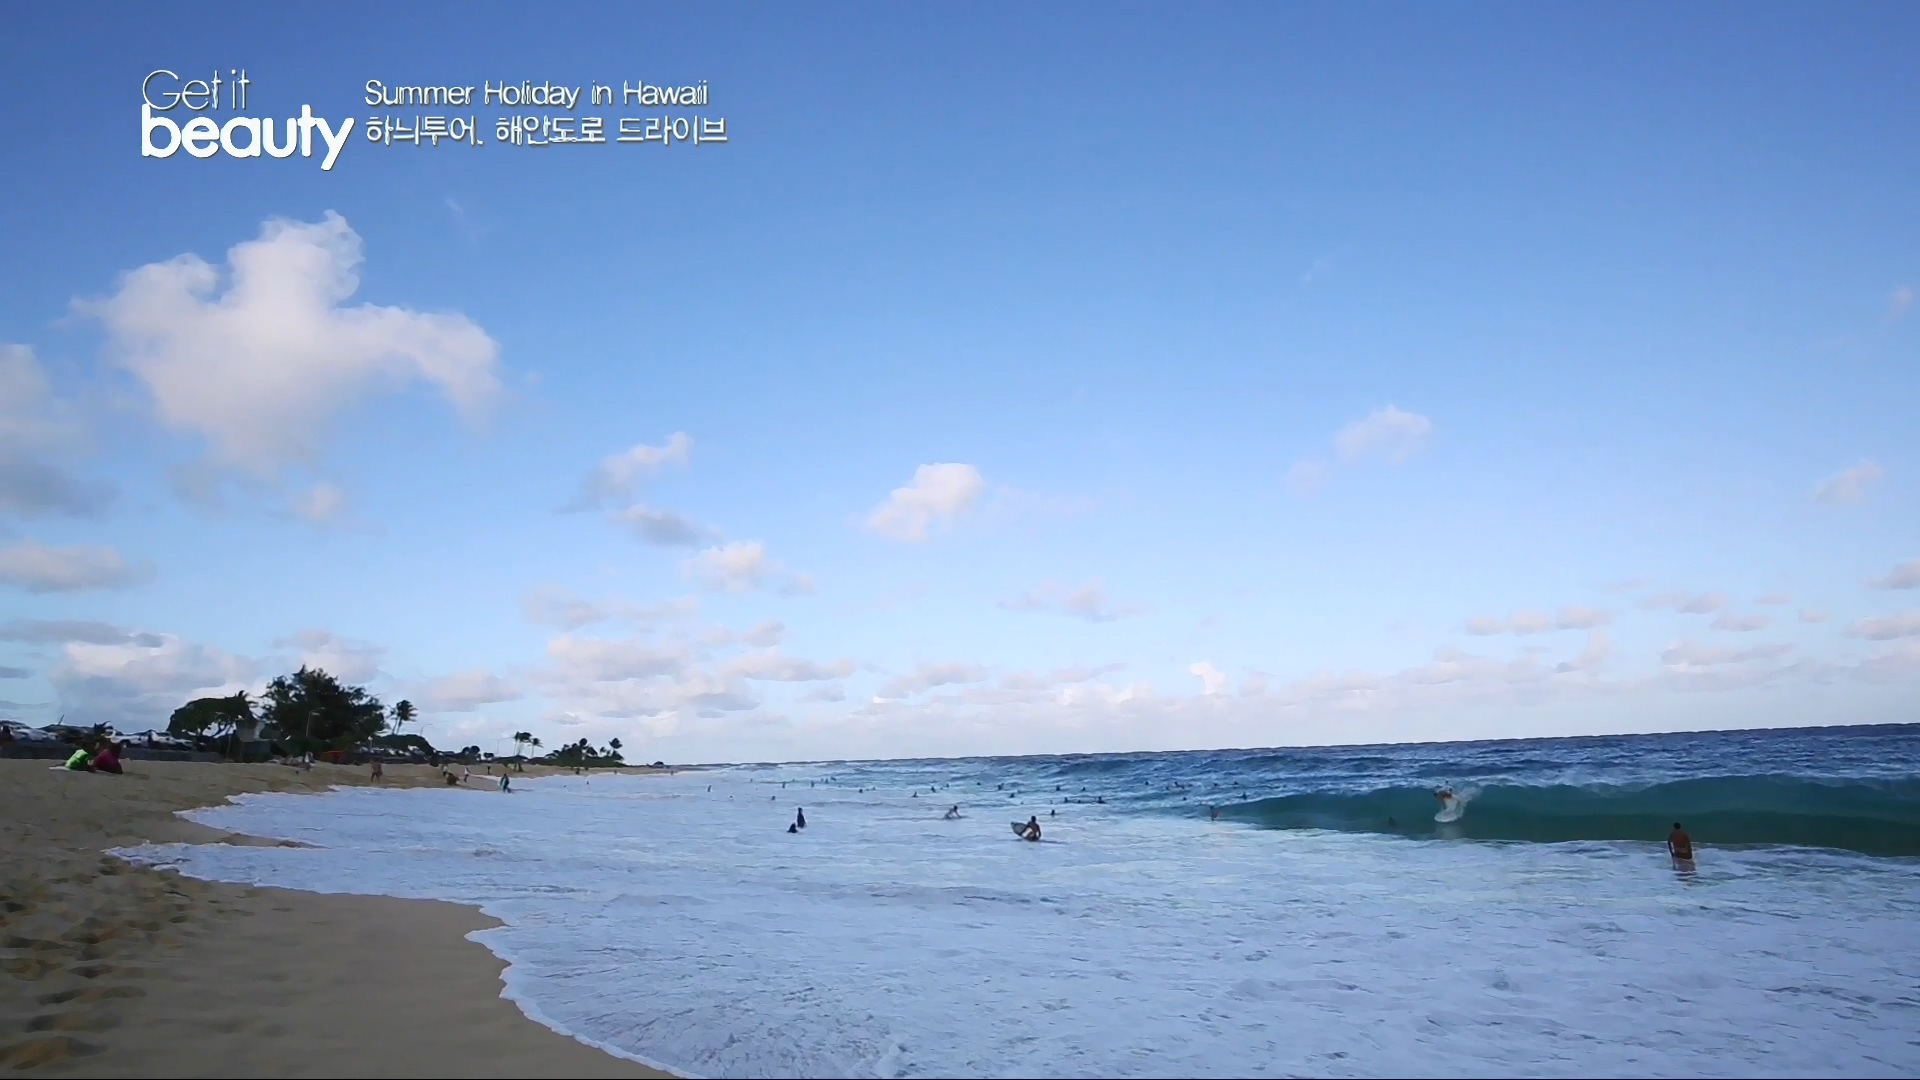 높은 파도로 유명한 서핑 스팟 美 대통령 오바마가 청소년 시절 이곳에서 서핑을 즐긴 것으로도 유명